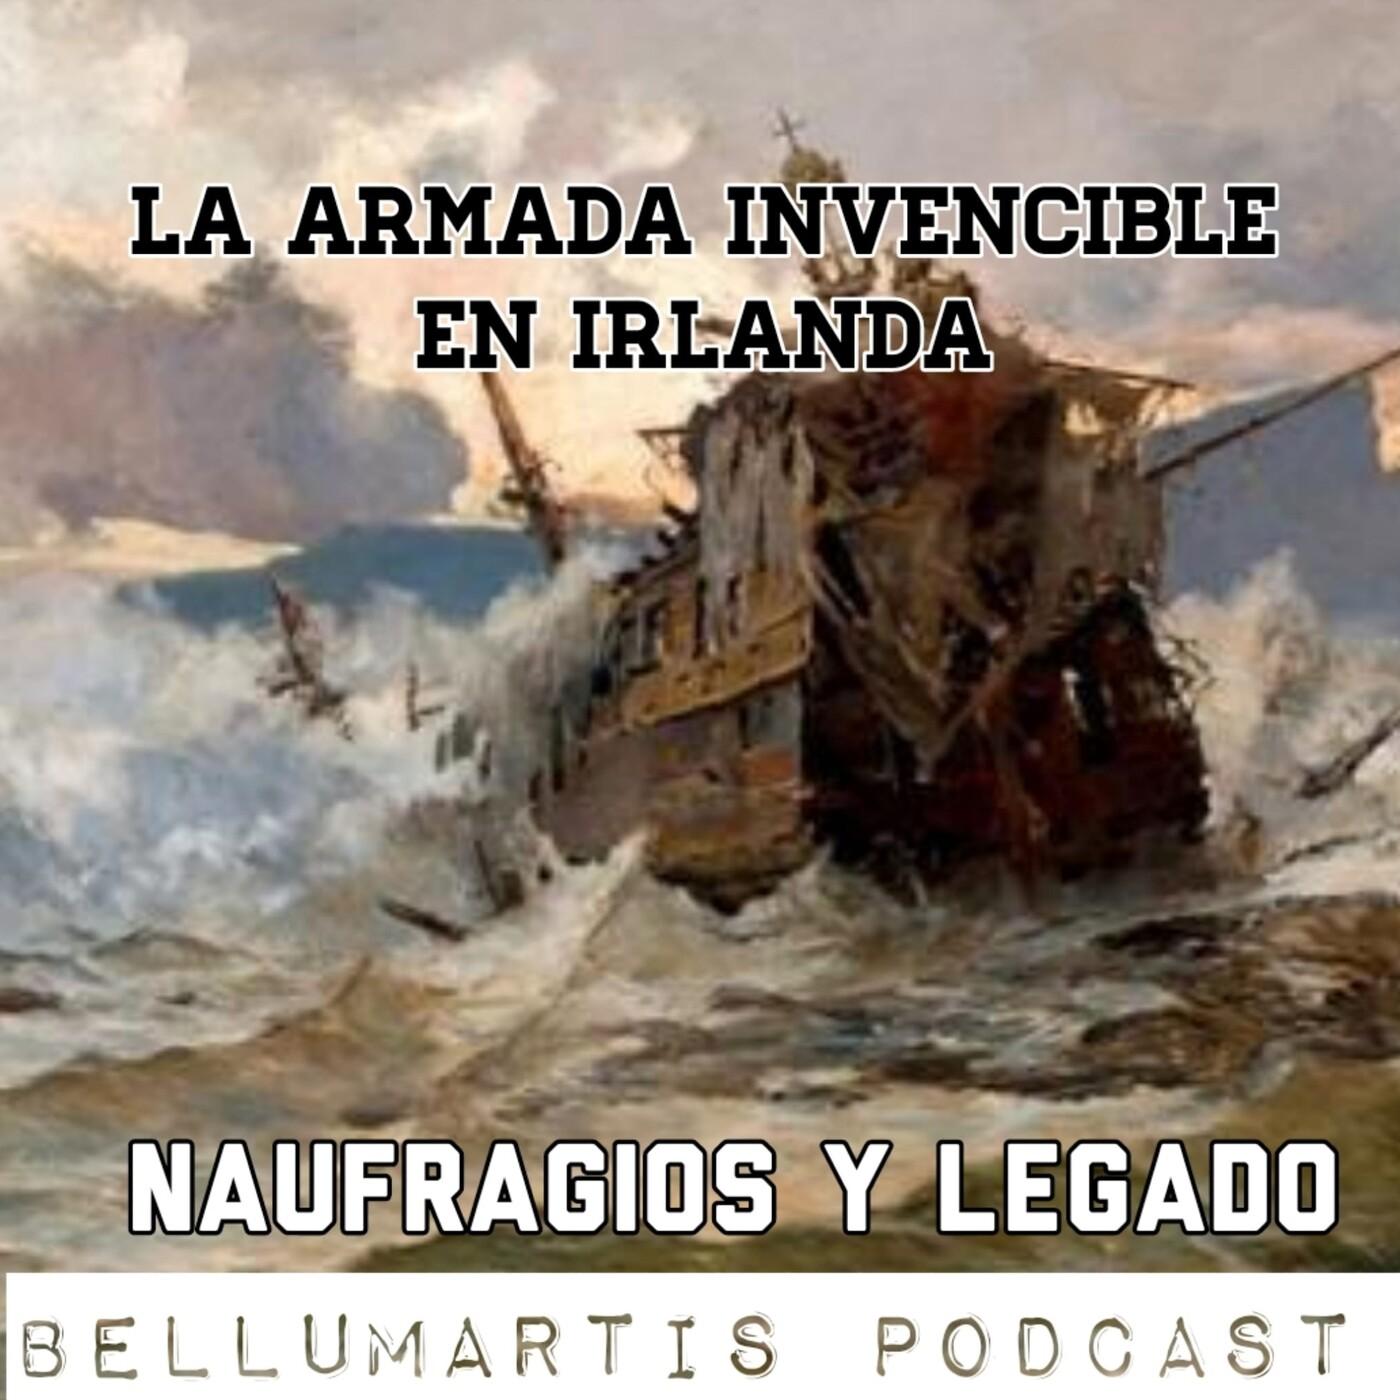 LA ARMADA INVENCIBLE EN IRLANDA, naufragios y legado